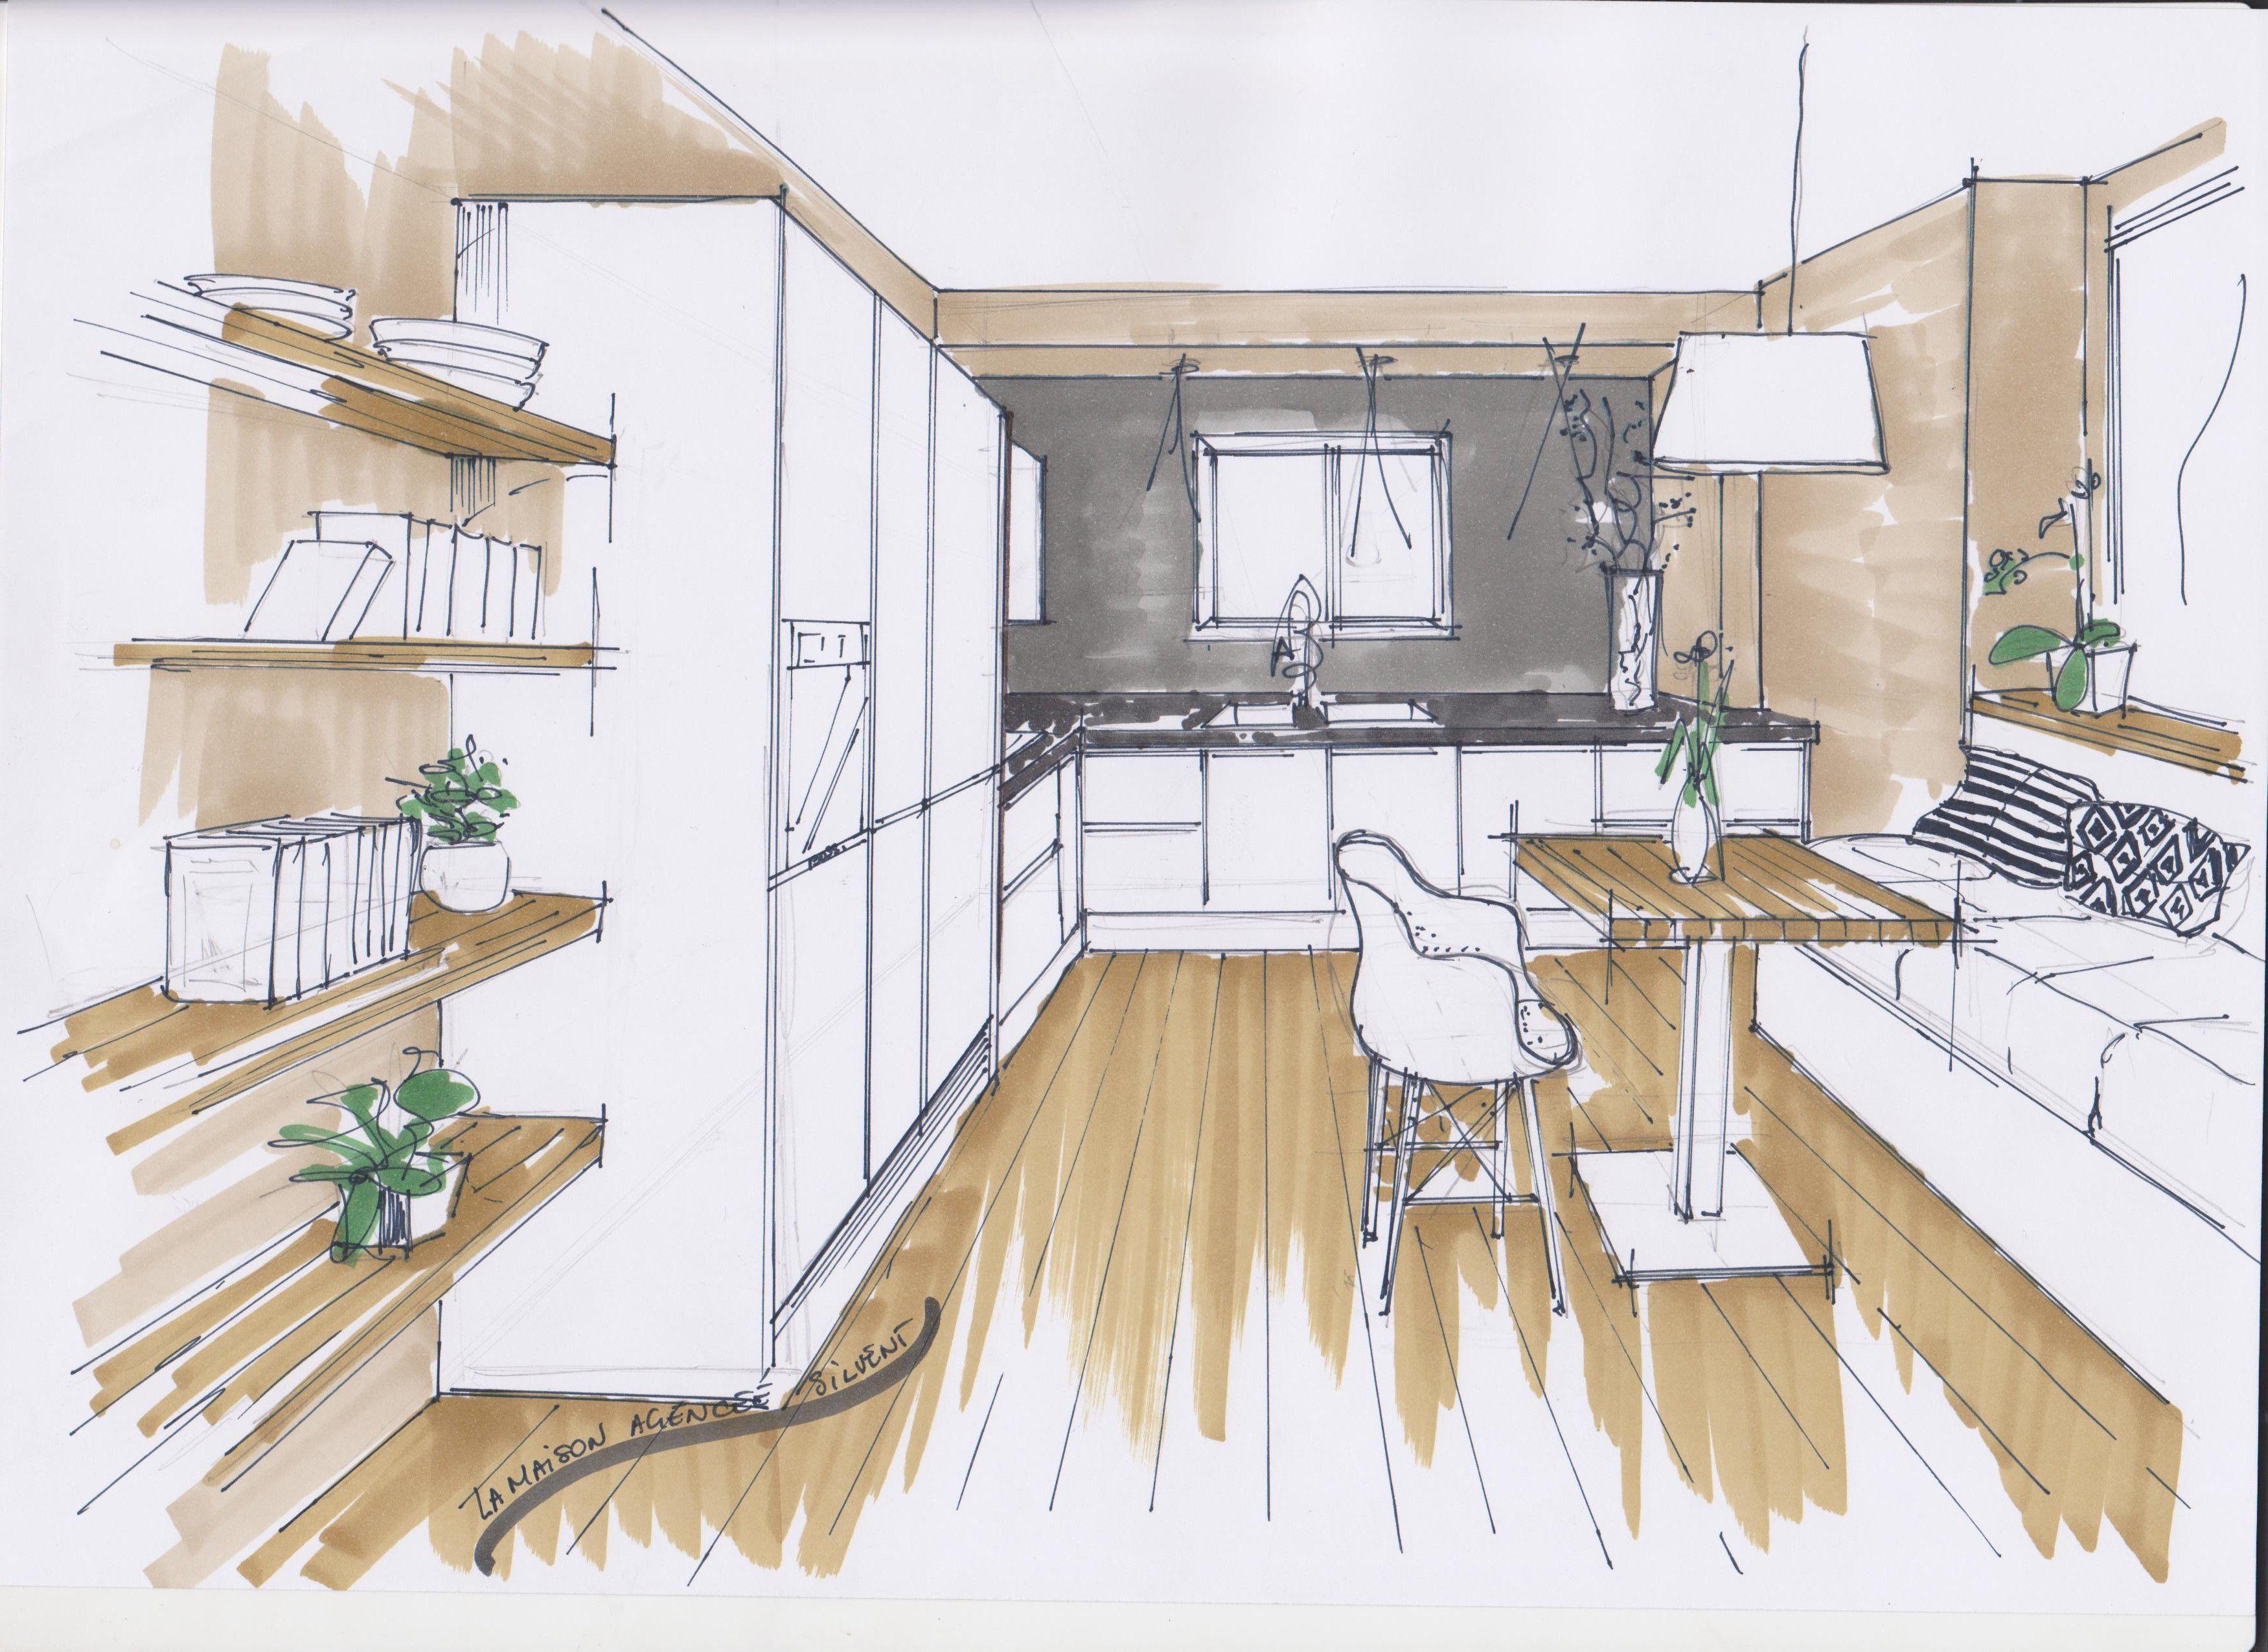 Croquis Cuisine Dessin Architecture Croquis Maison Croquis D Interieur